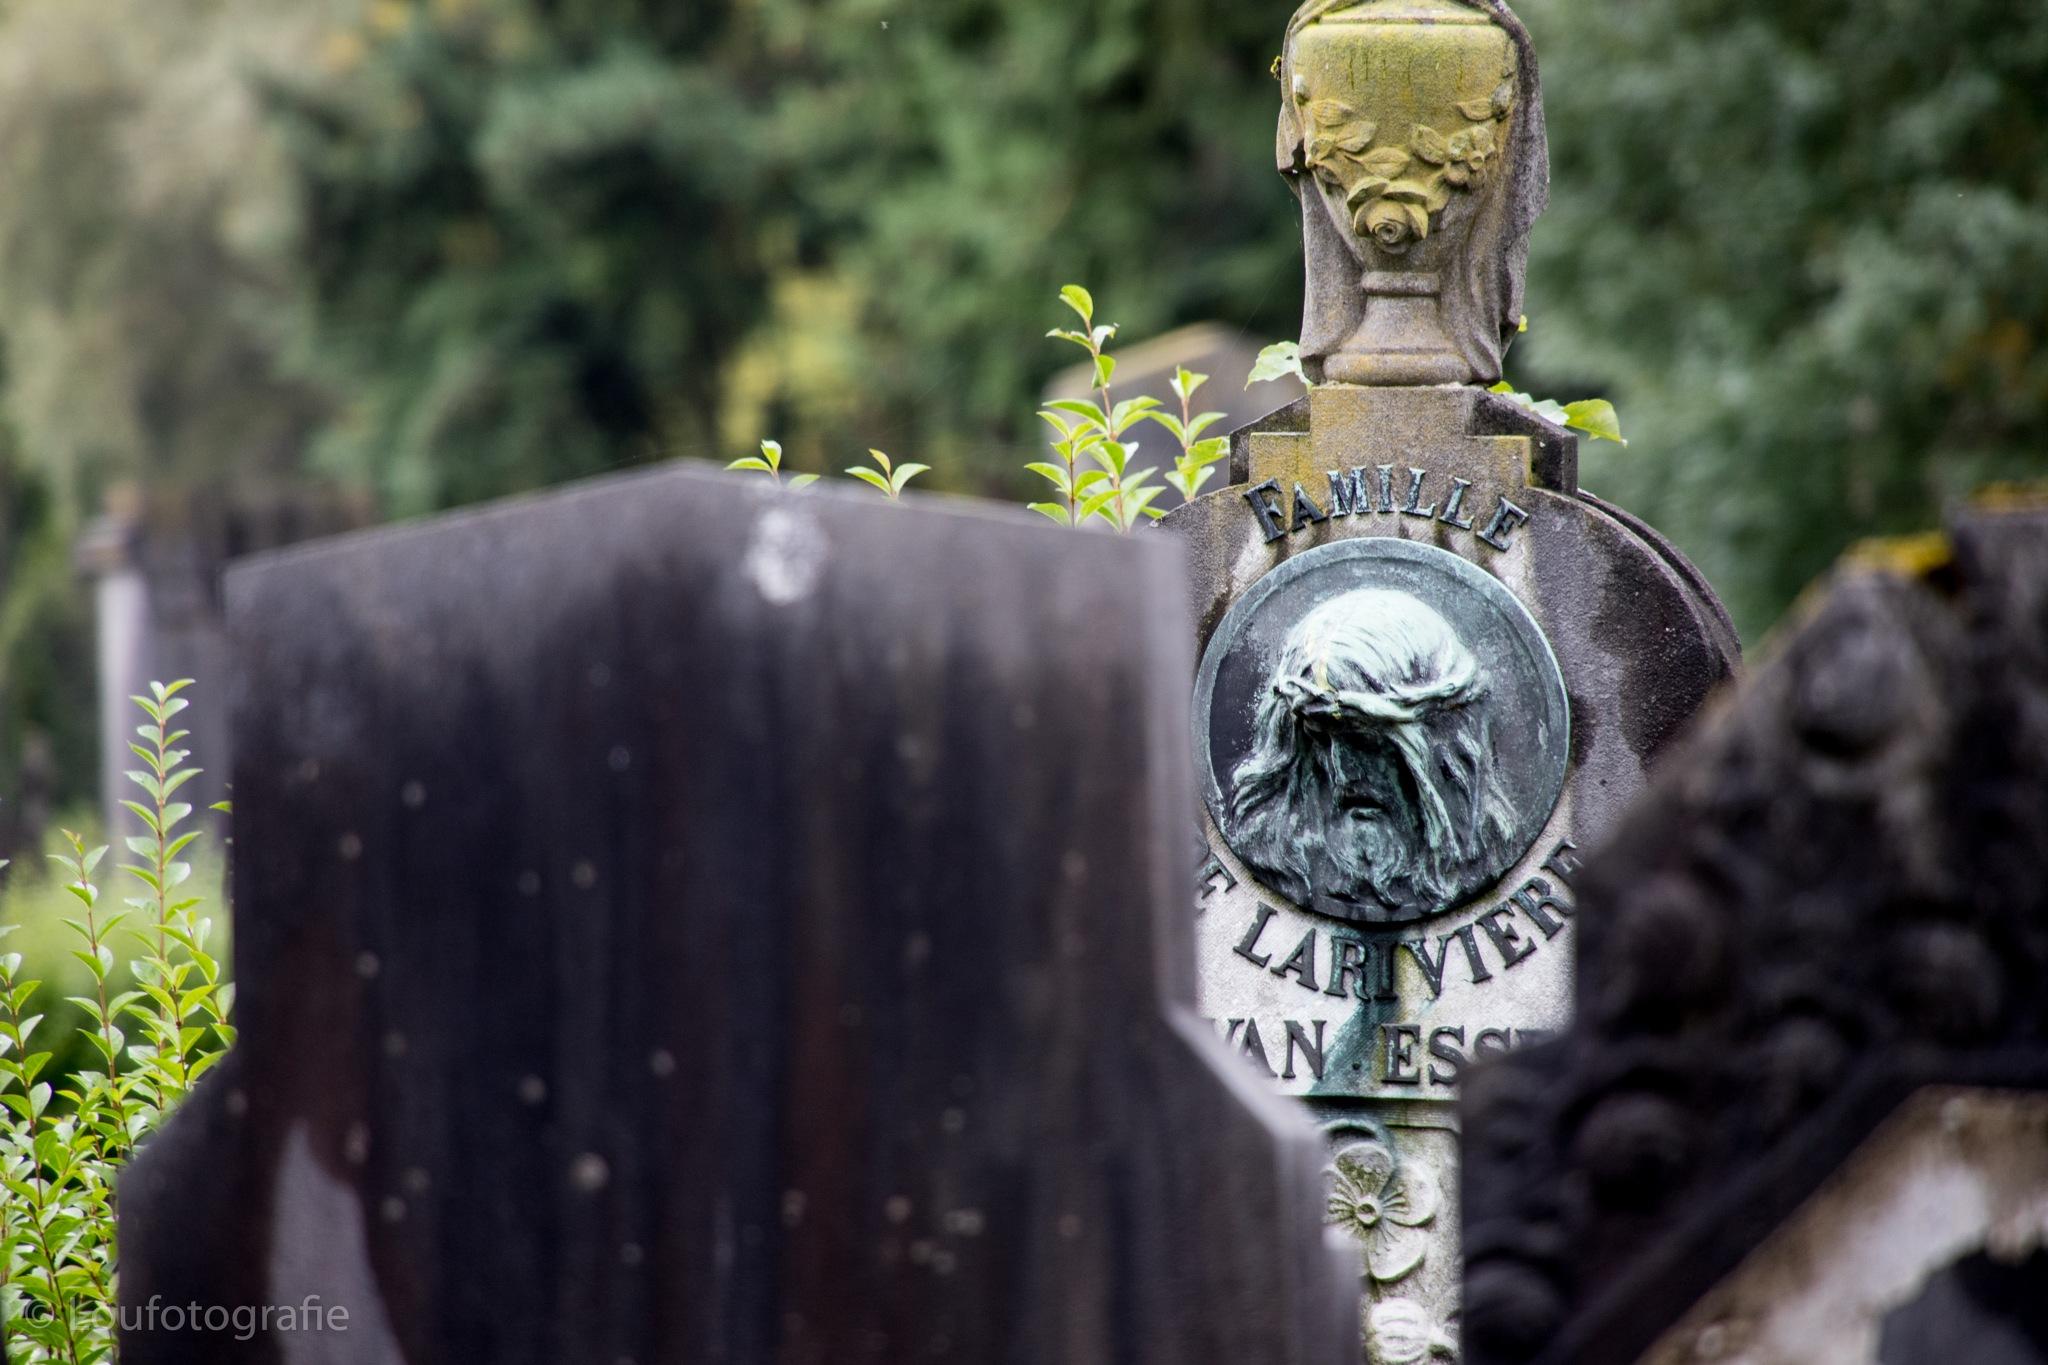 Graveyard Vogelensang Anderlecht  by Loufotografie